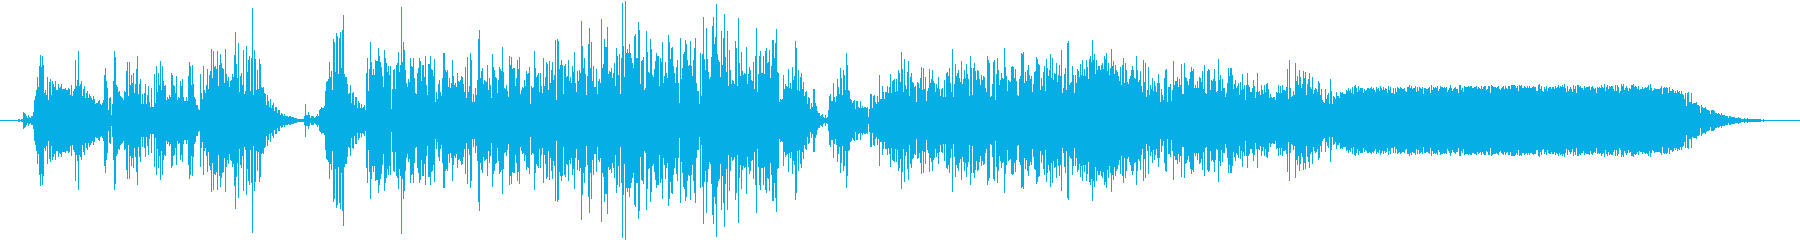 重度の不規則なテレメトリバーストま...の再生済みの波形